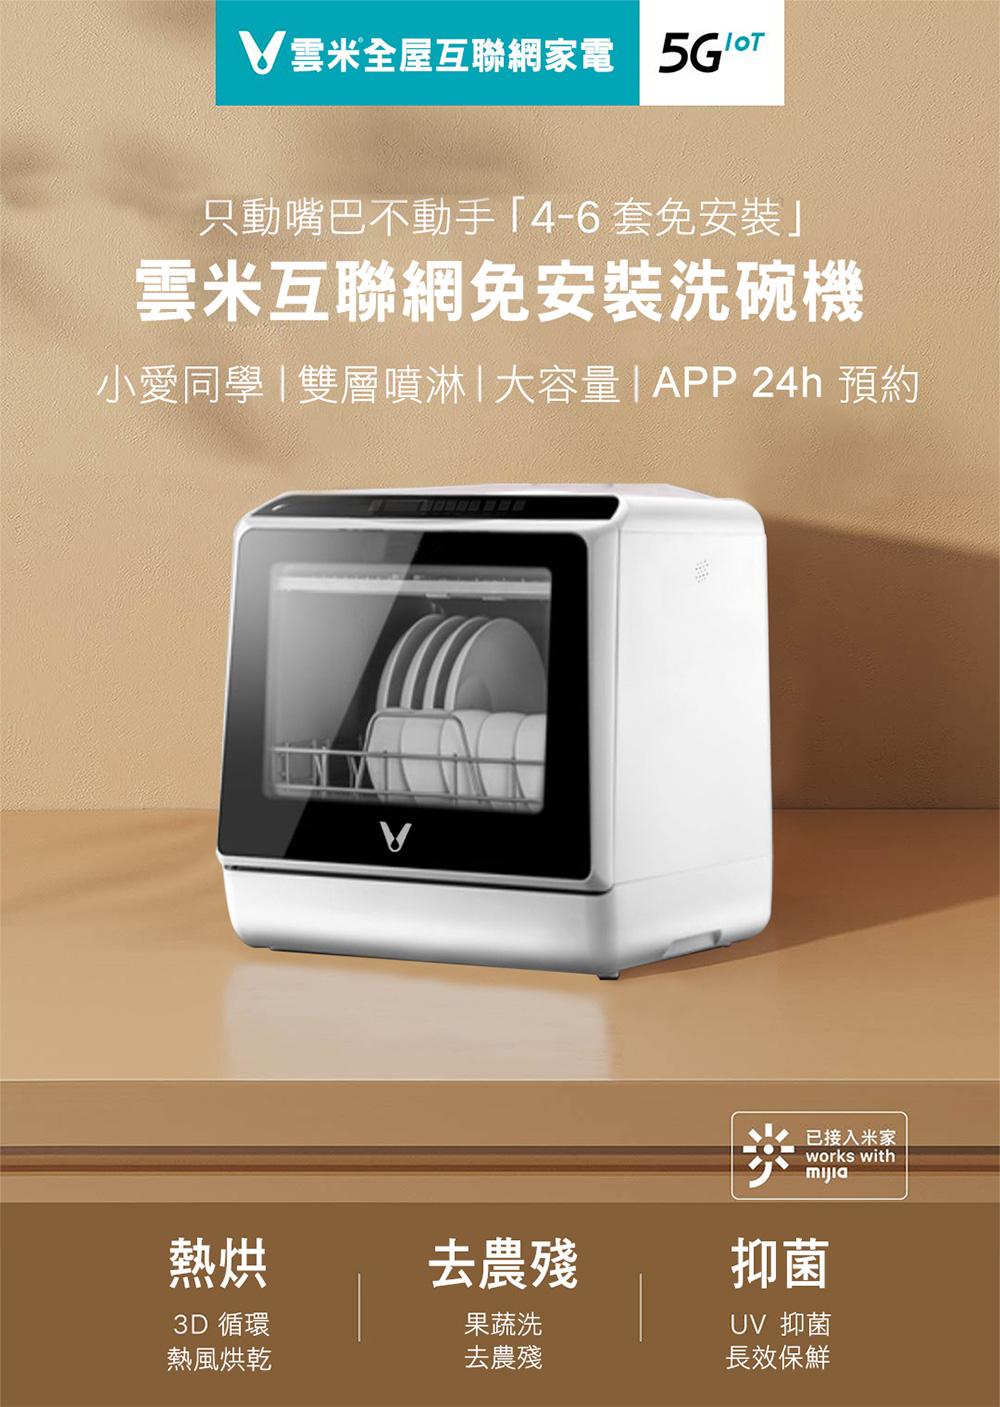 【早鳥優惠】VIOMI 雲米互聯網免安裝洗烘碗機(VDW0401) - 1